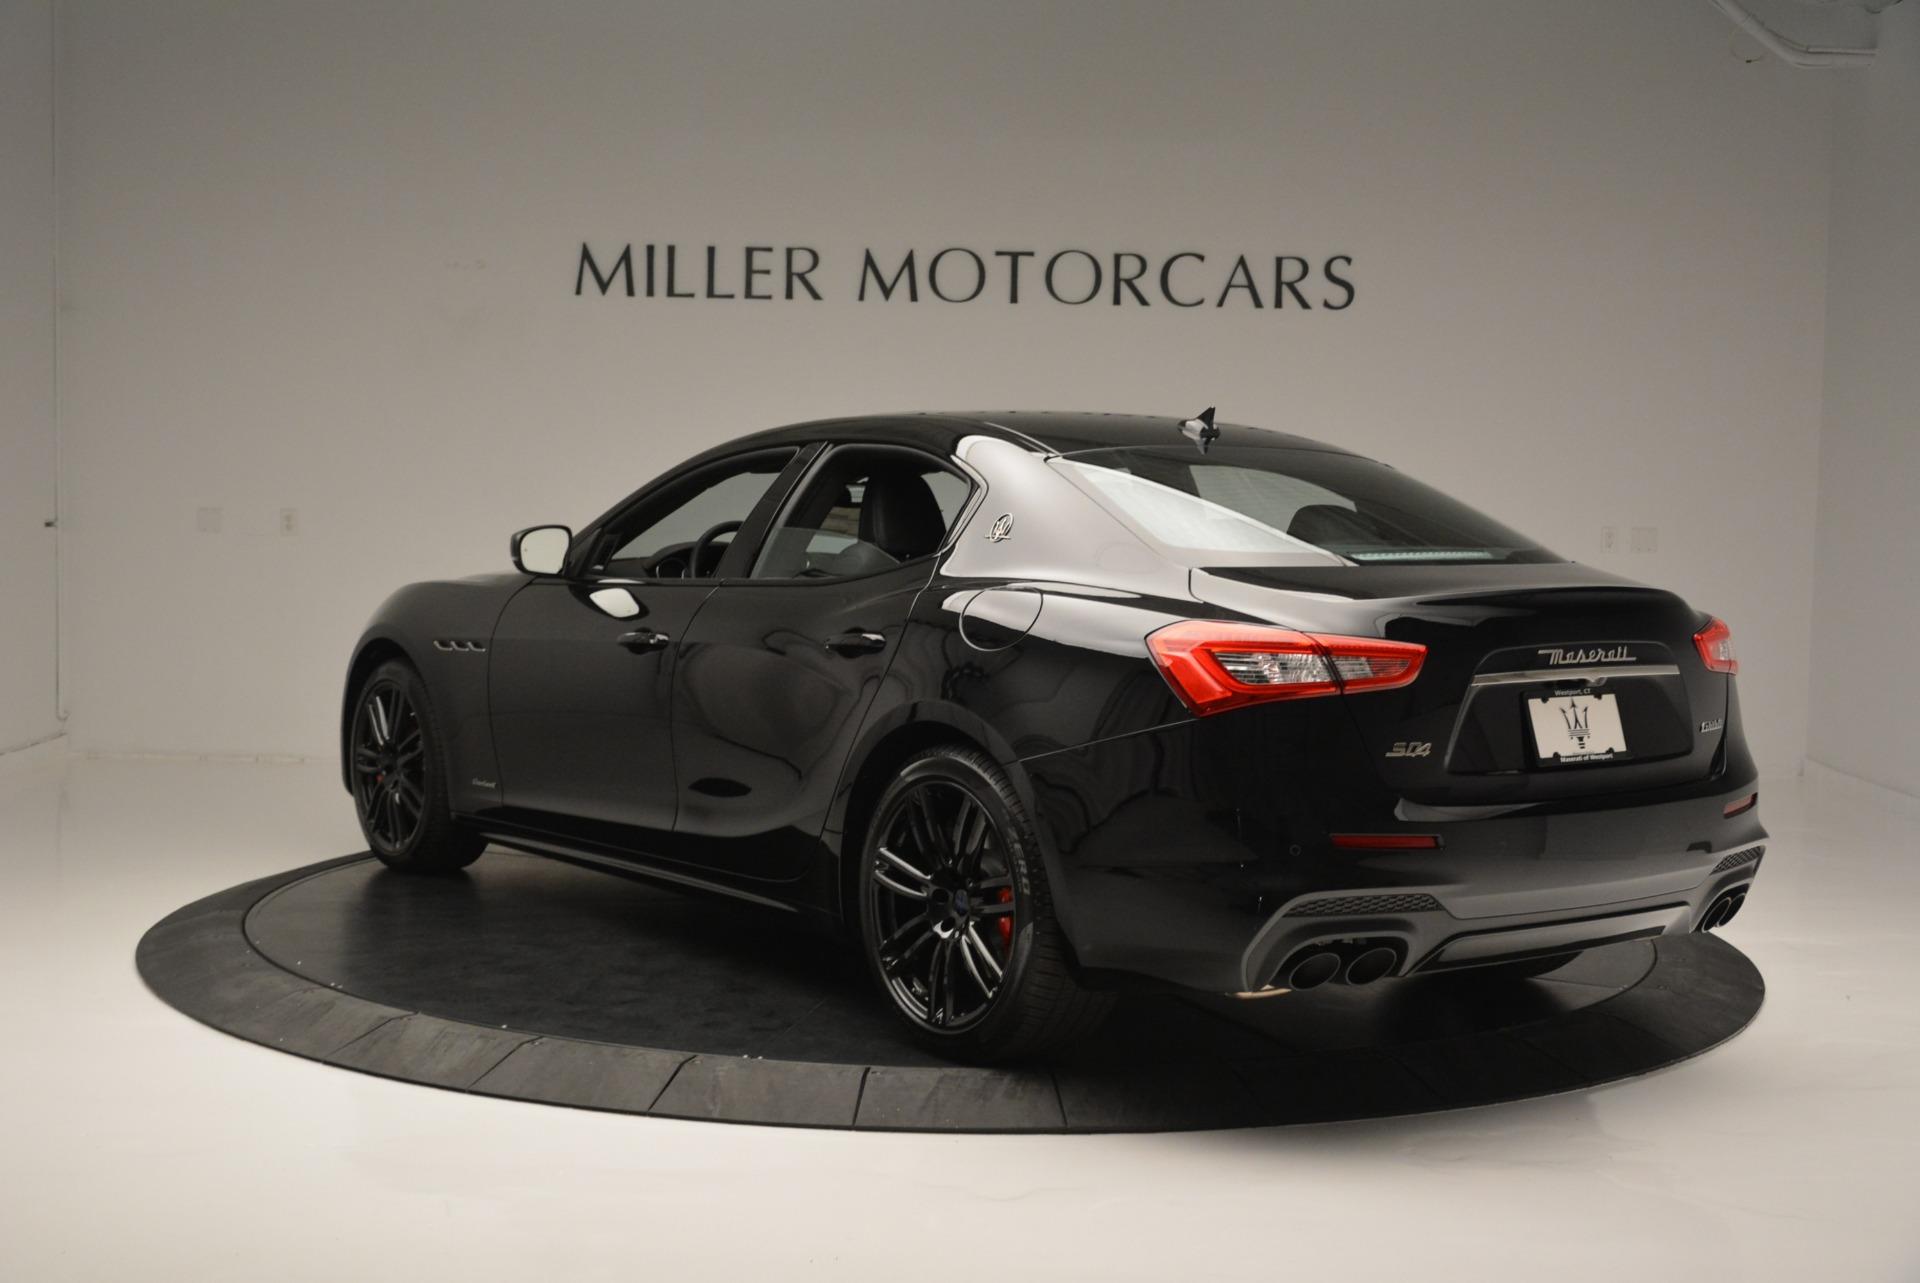 New 2018 Maserati Ghibli SQ4 GranSport Nerissimo For Sale In Greenwich, CT. Alfa Romeo of Greenwich, M2173 2368_p5